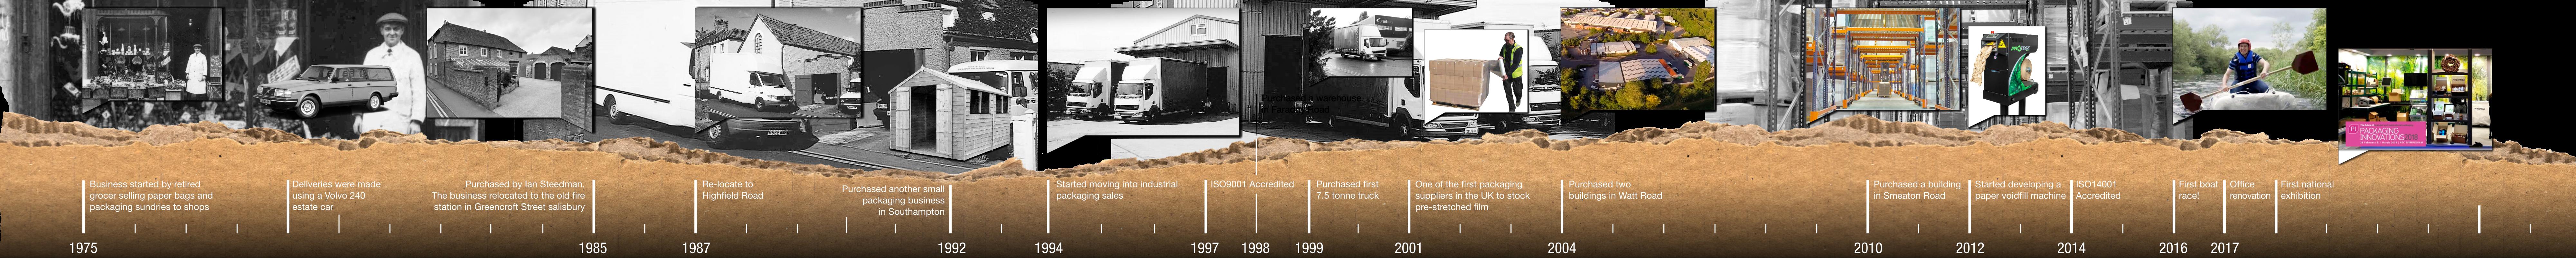 Timeline Slider Image